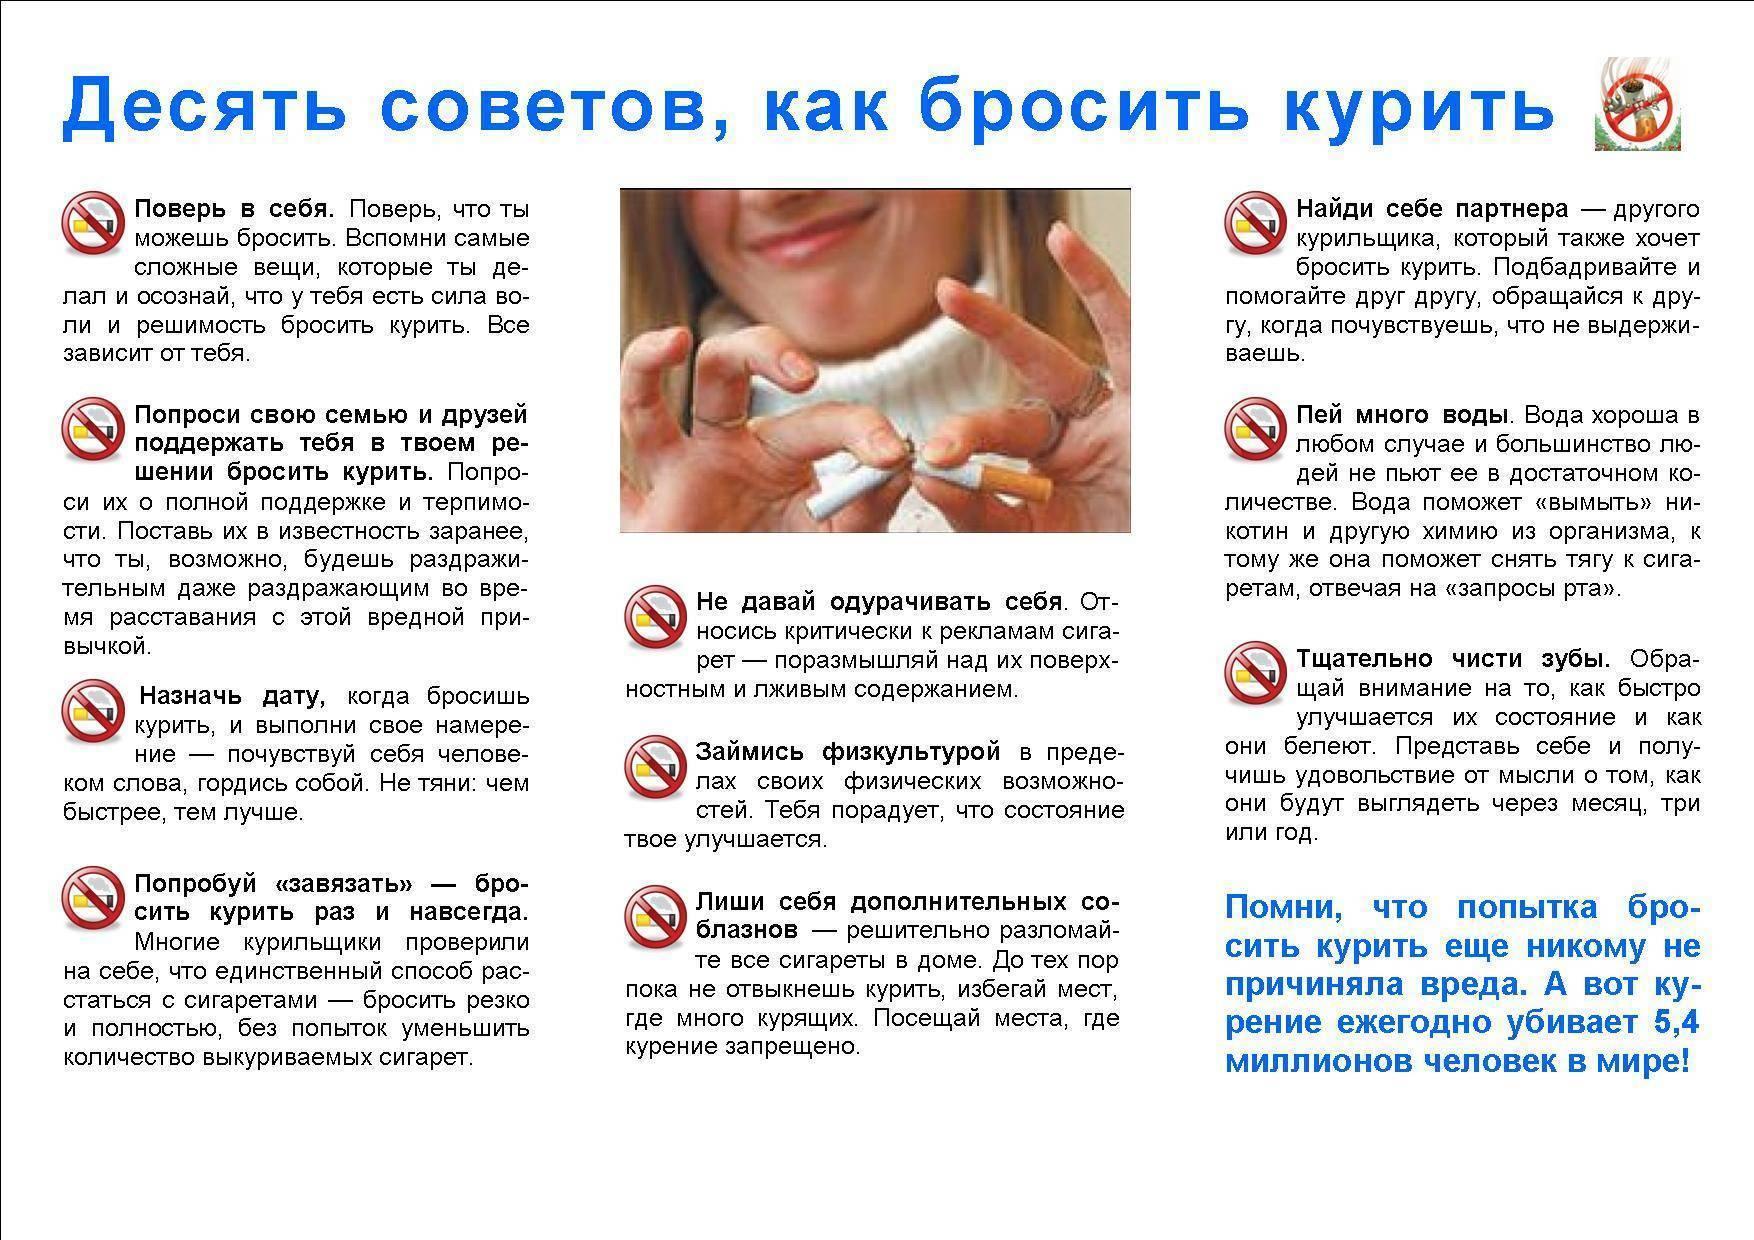 Вредные привычки и их влияние на здоровье человека